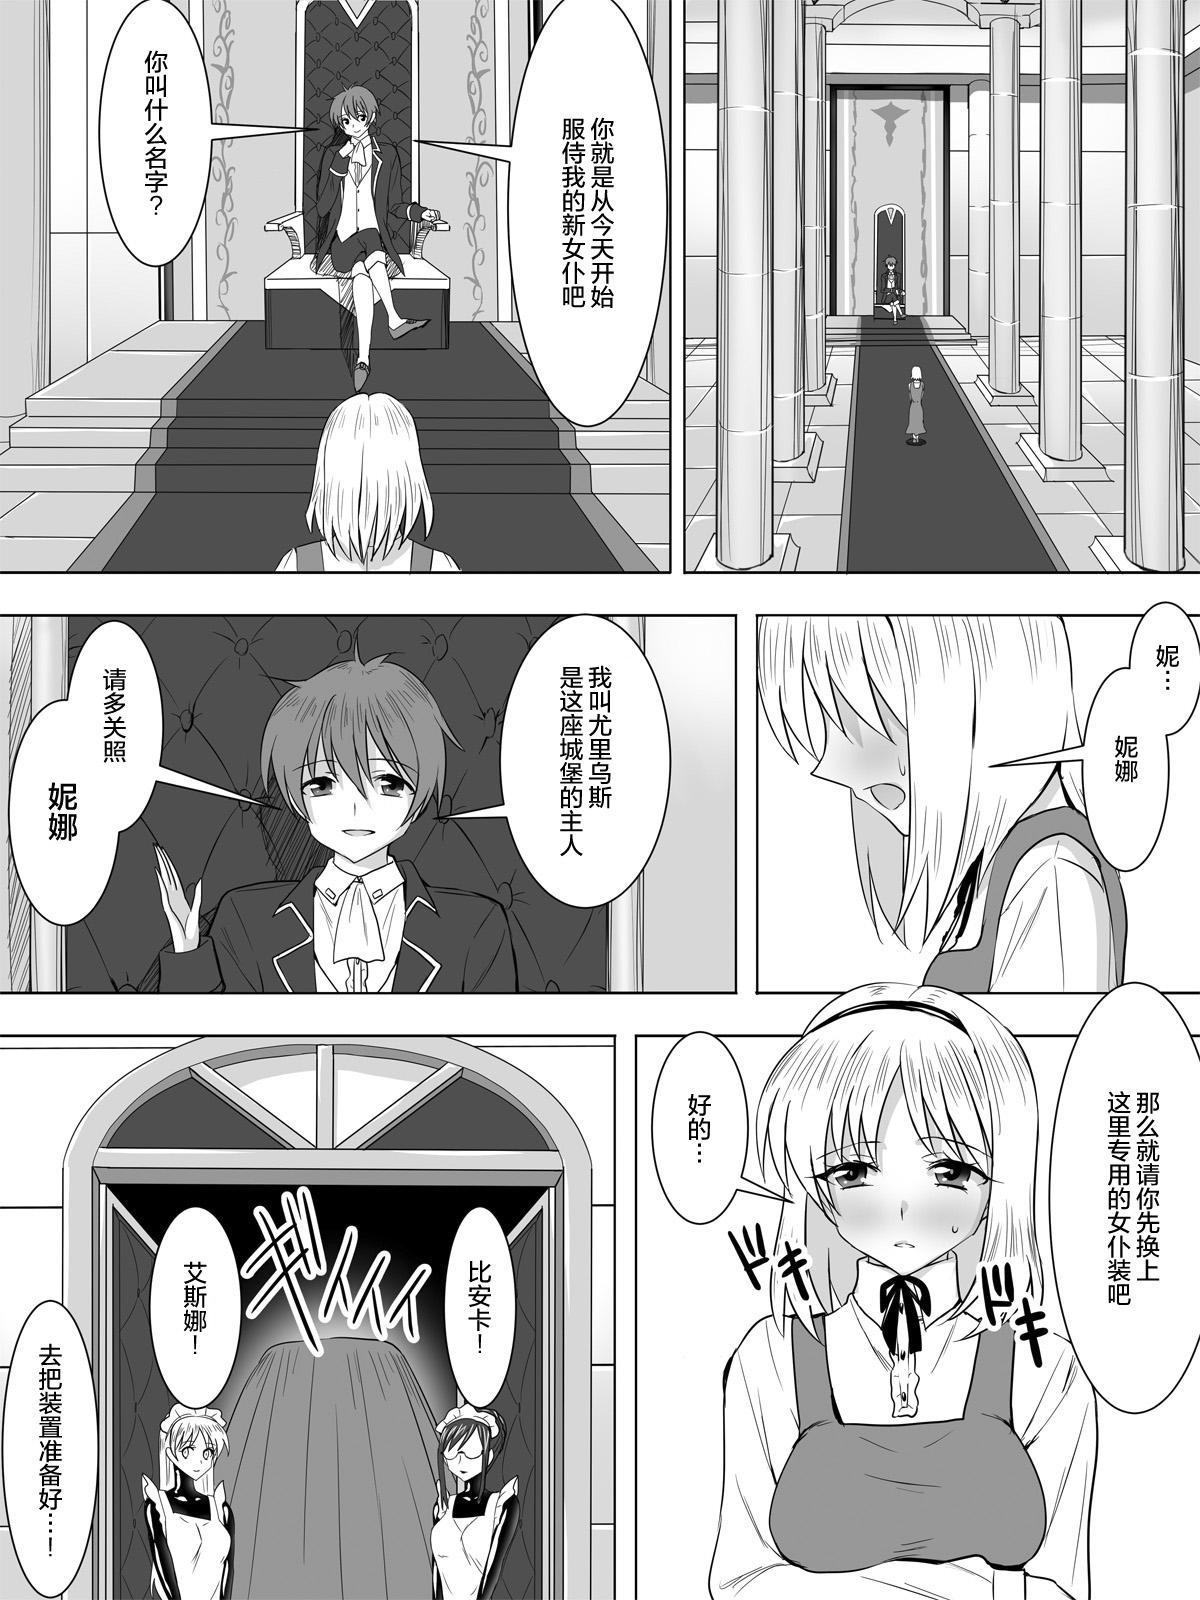 Picchiri Suit Maid to Doutei Kizoku 1